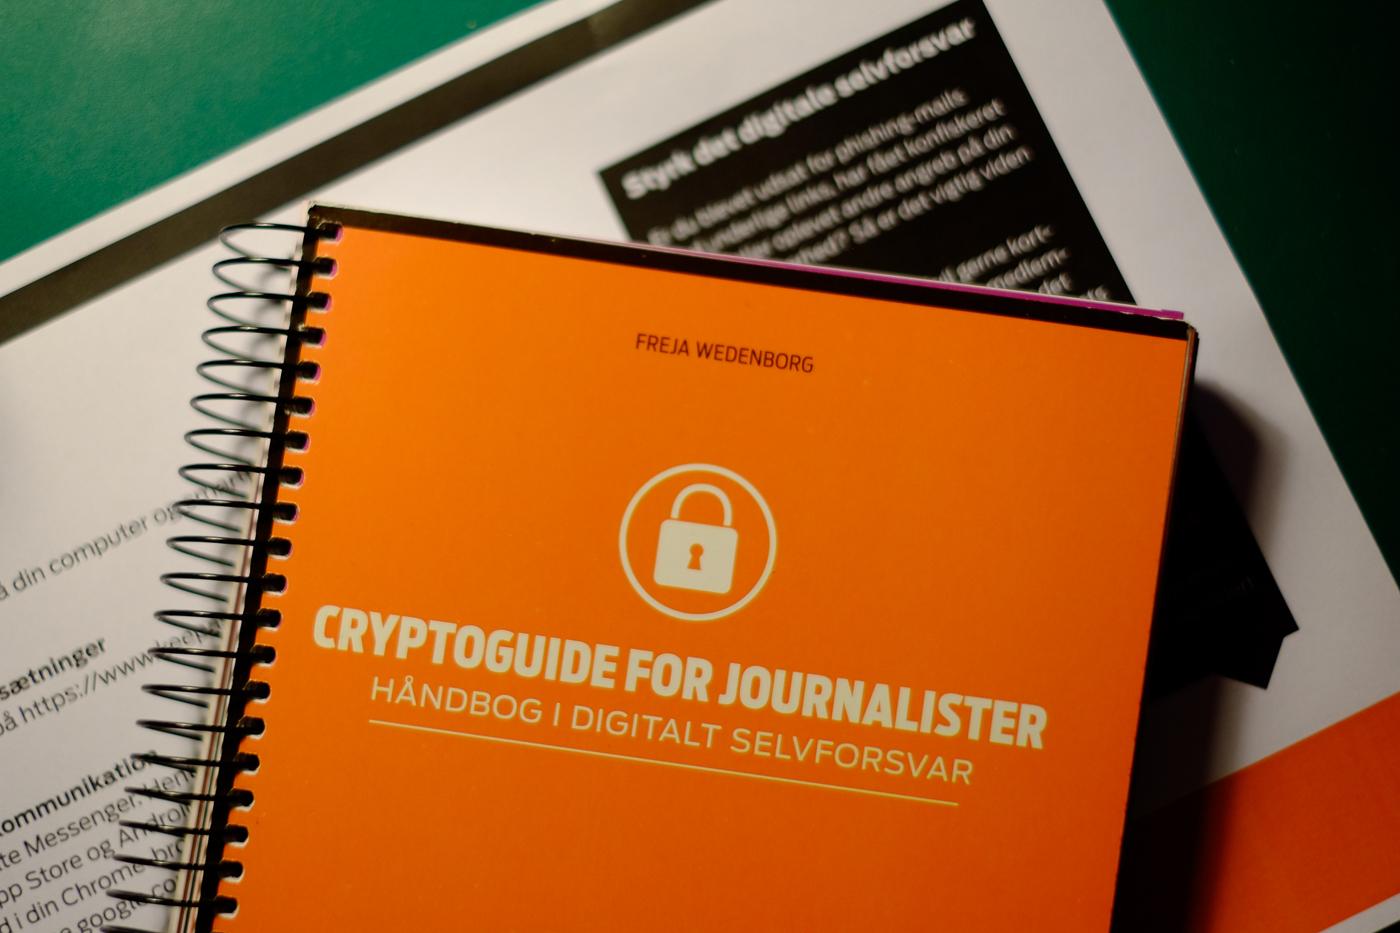 Bog og handouts fra lynkursus i digitalt selvforsvar for journalister. Foto: Jan Høst-Aaris/Sipureco